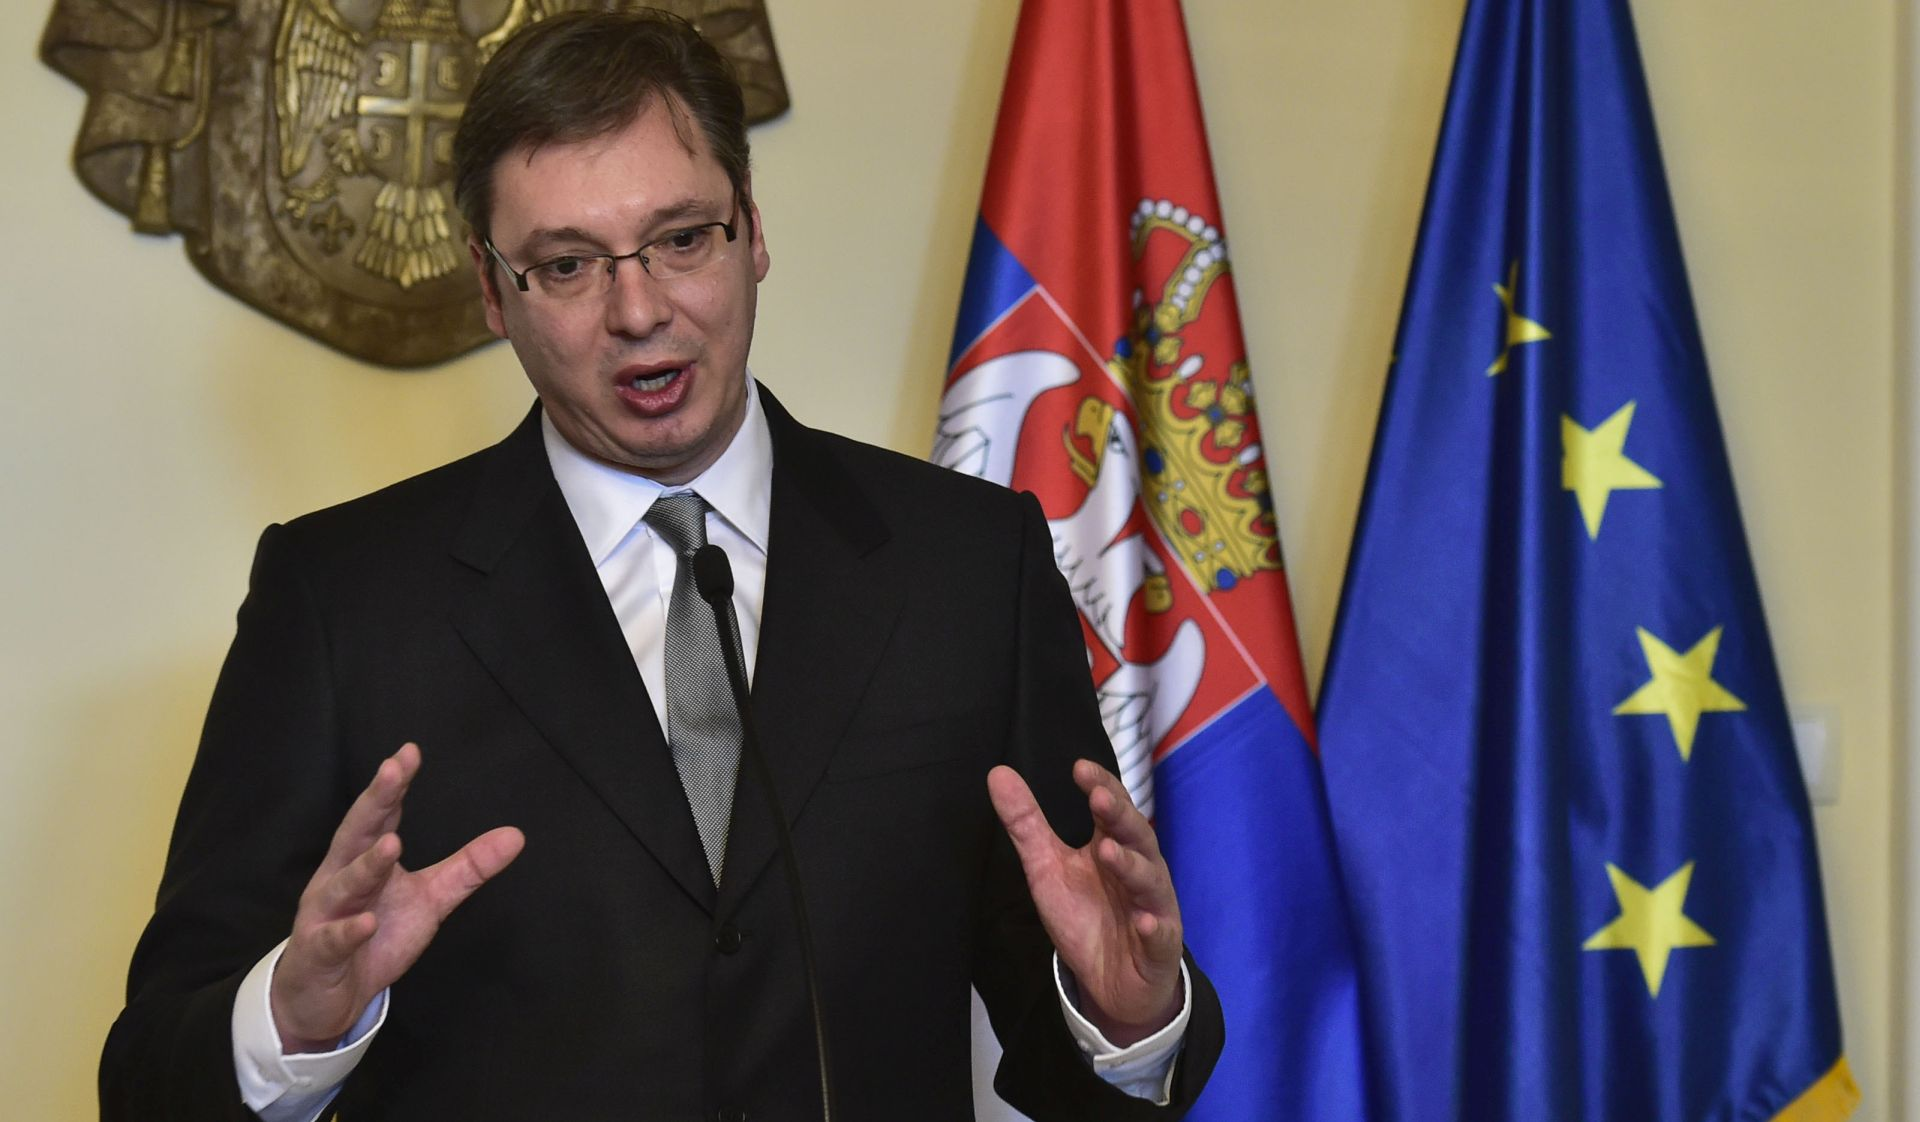 ANALITIČARI SMATRAJU: Prijevremeni izbori u Srbiji očekivani, Vučićevi razlozi neuvjerljivi